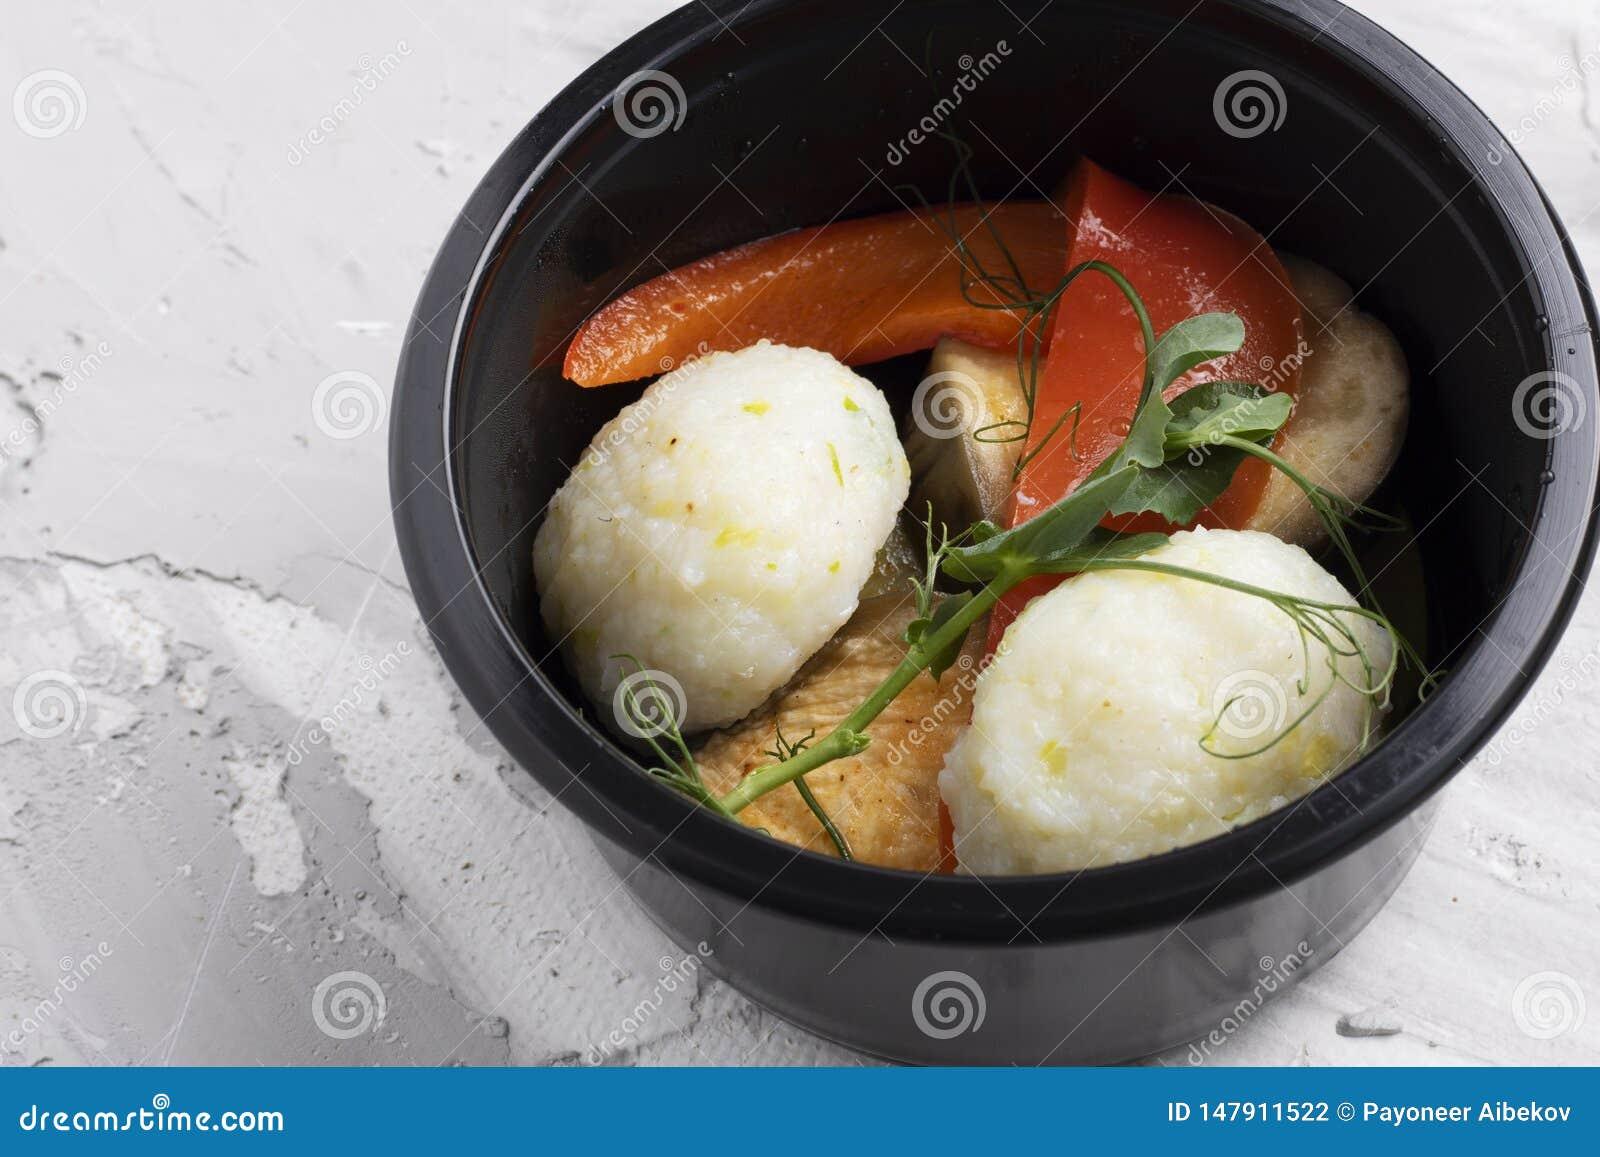 Rollos de las verduras, lentejas y pescados cocidos al vapor con perejil en envase de comida plástico negro